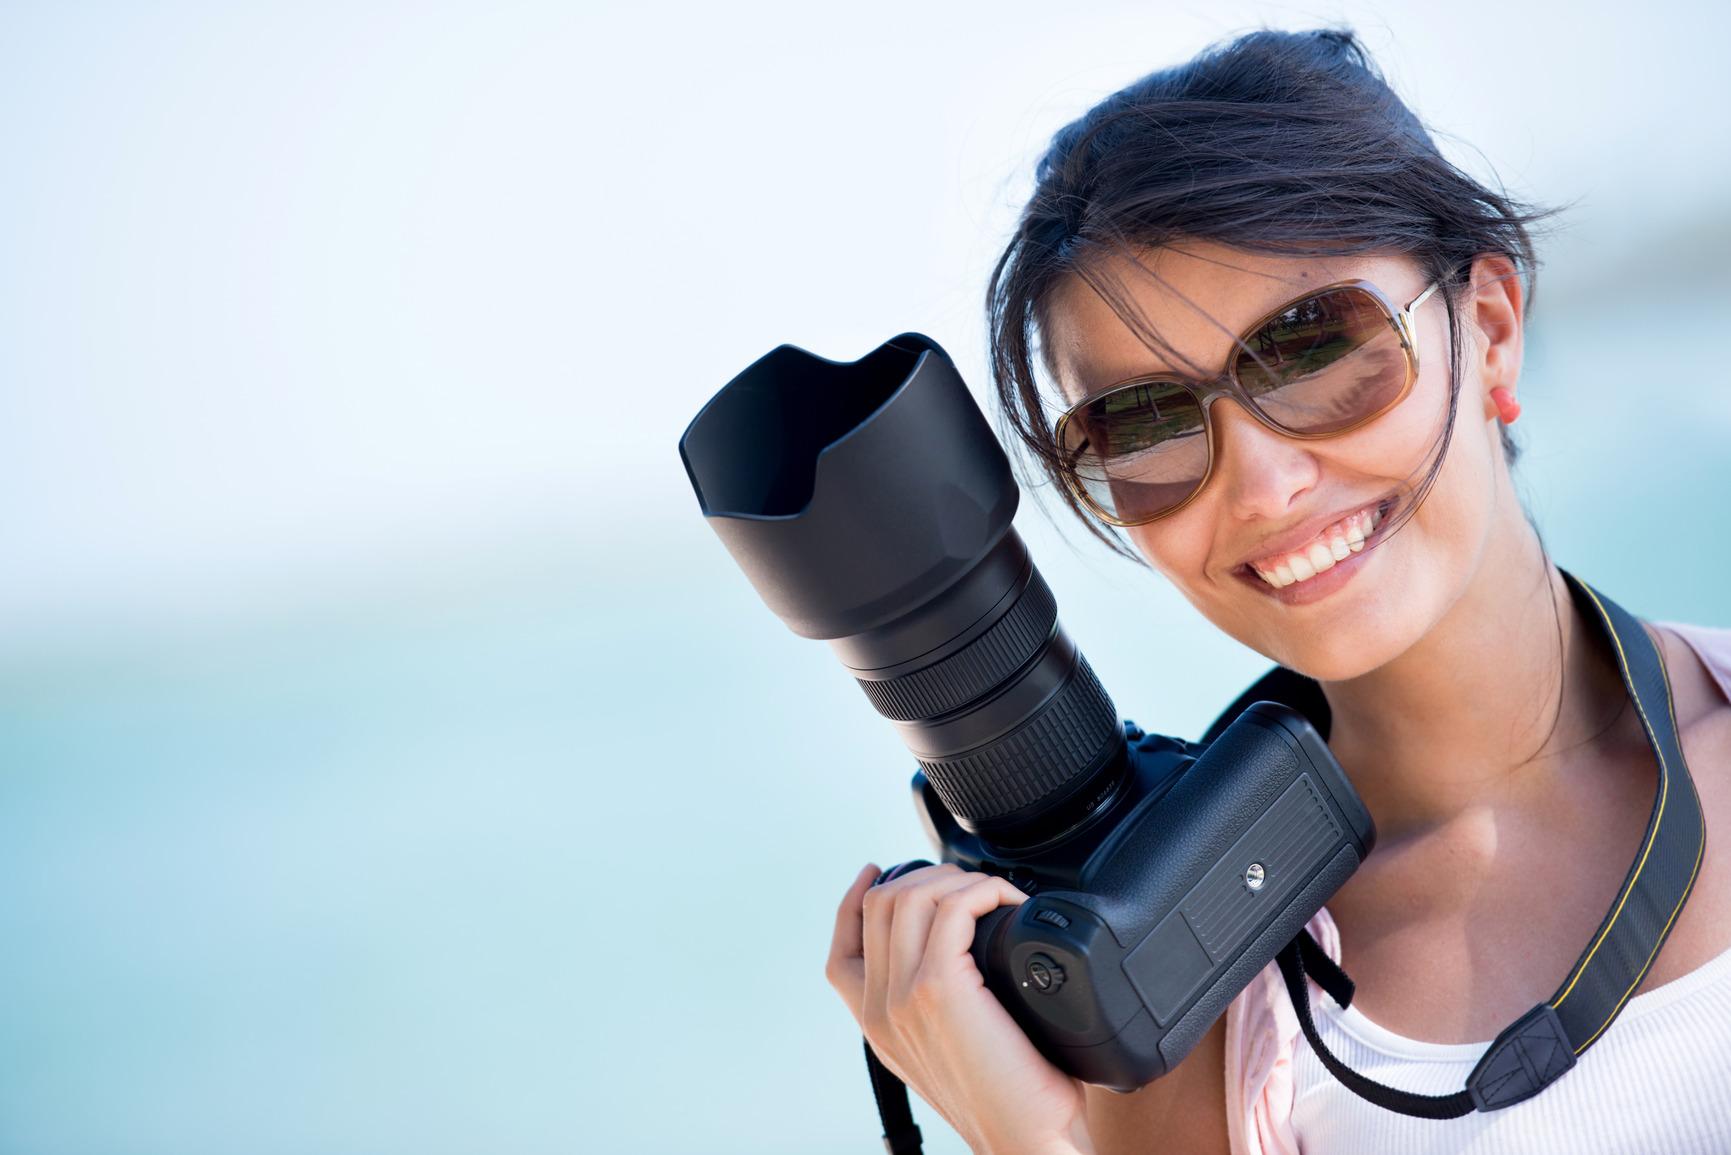 J'ai décidé de vivre ma passion avec devenir-photographe.net